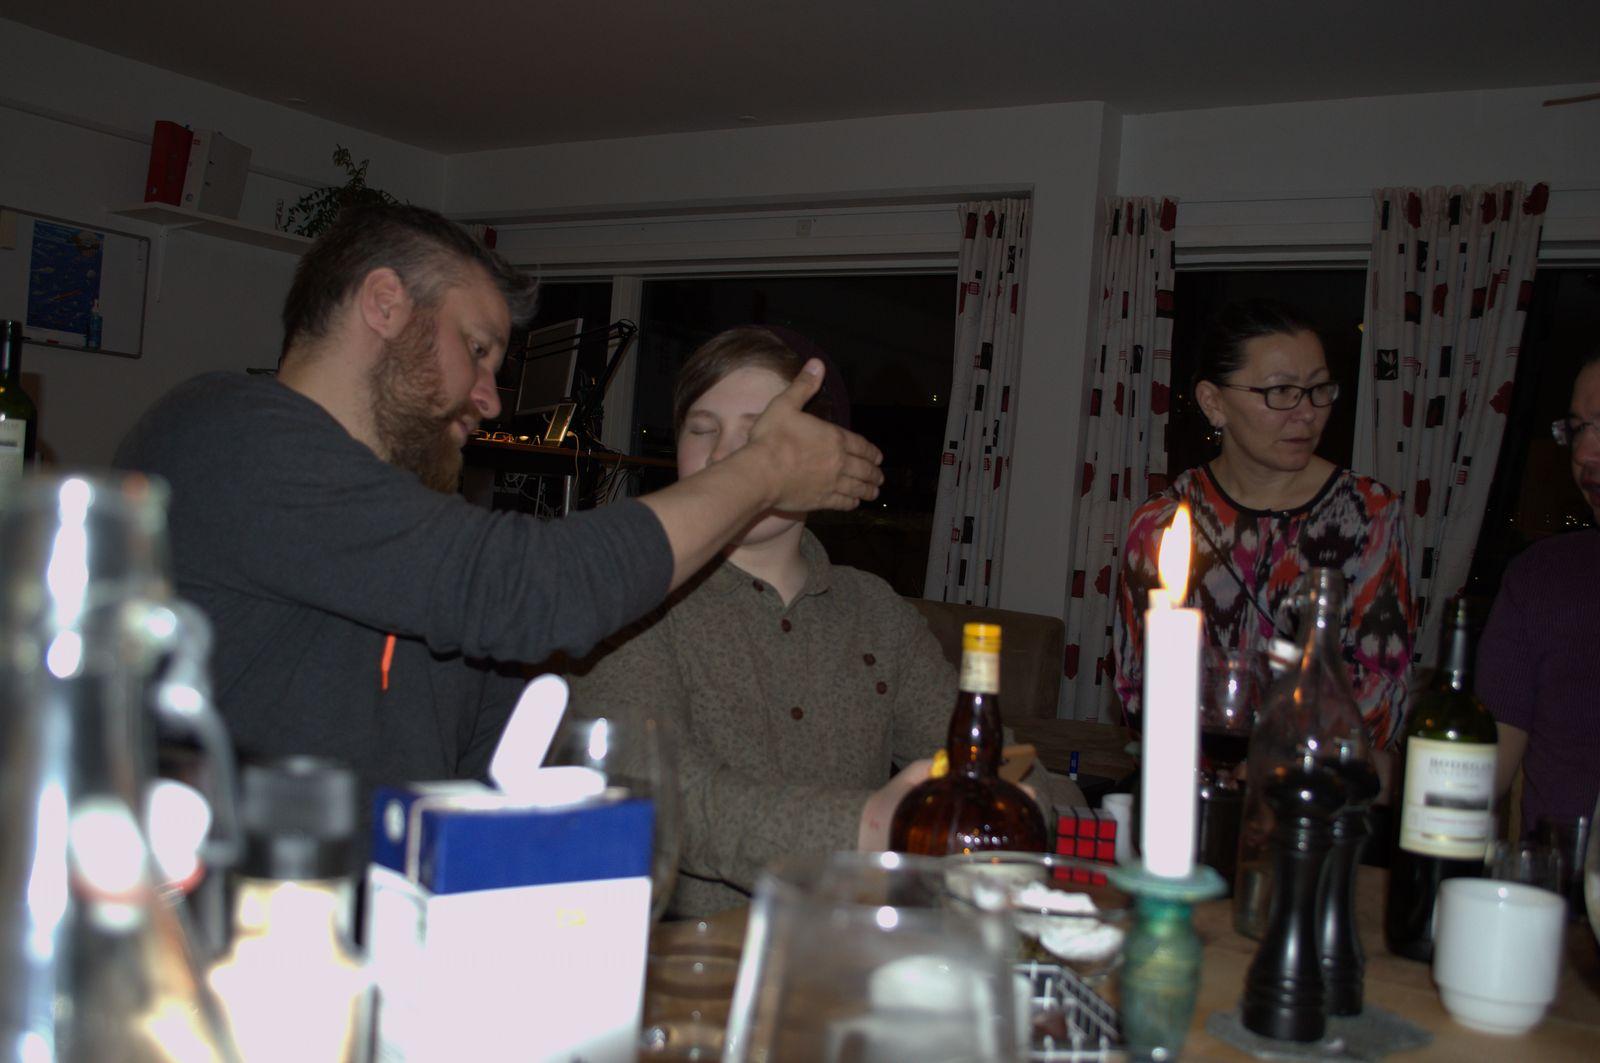 2014-04-05-2230_-_Gode_1_Nuka-Klausen-Telling_Rumle-Labansen_Svend-Svaerd